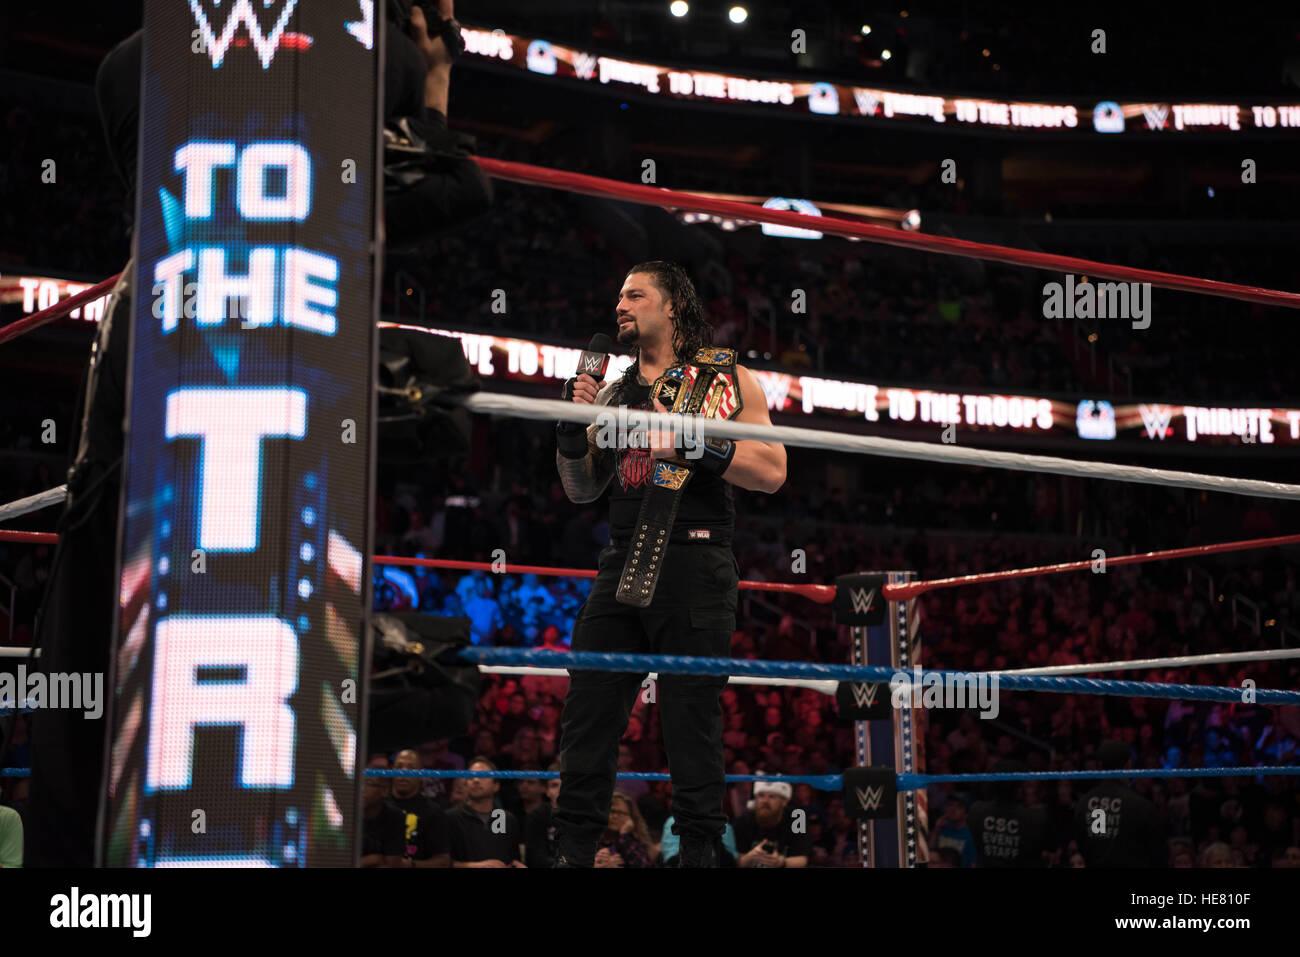 WWE ejecutante Regins romano se prepara para un combate durante la 14ª Anual de homenaje a las tropas evento Imagen De Stock